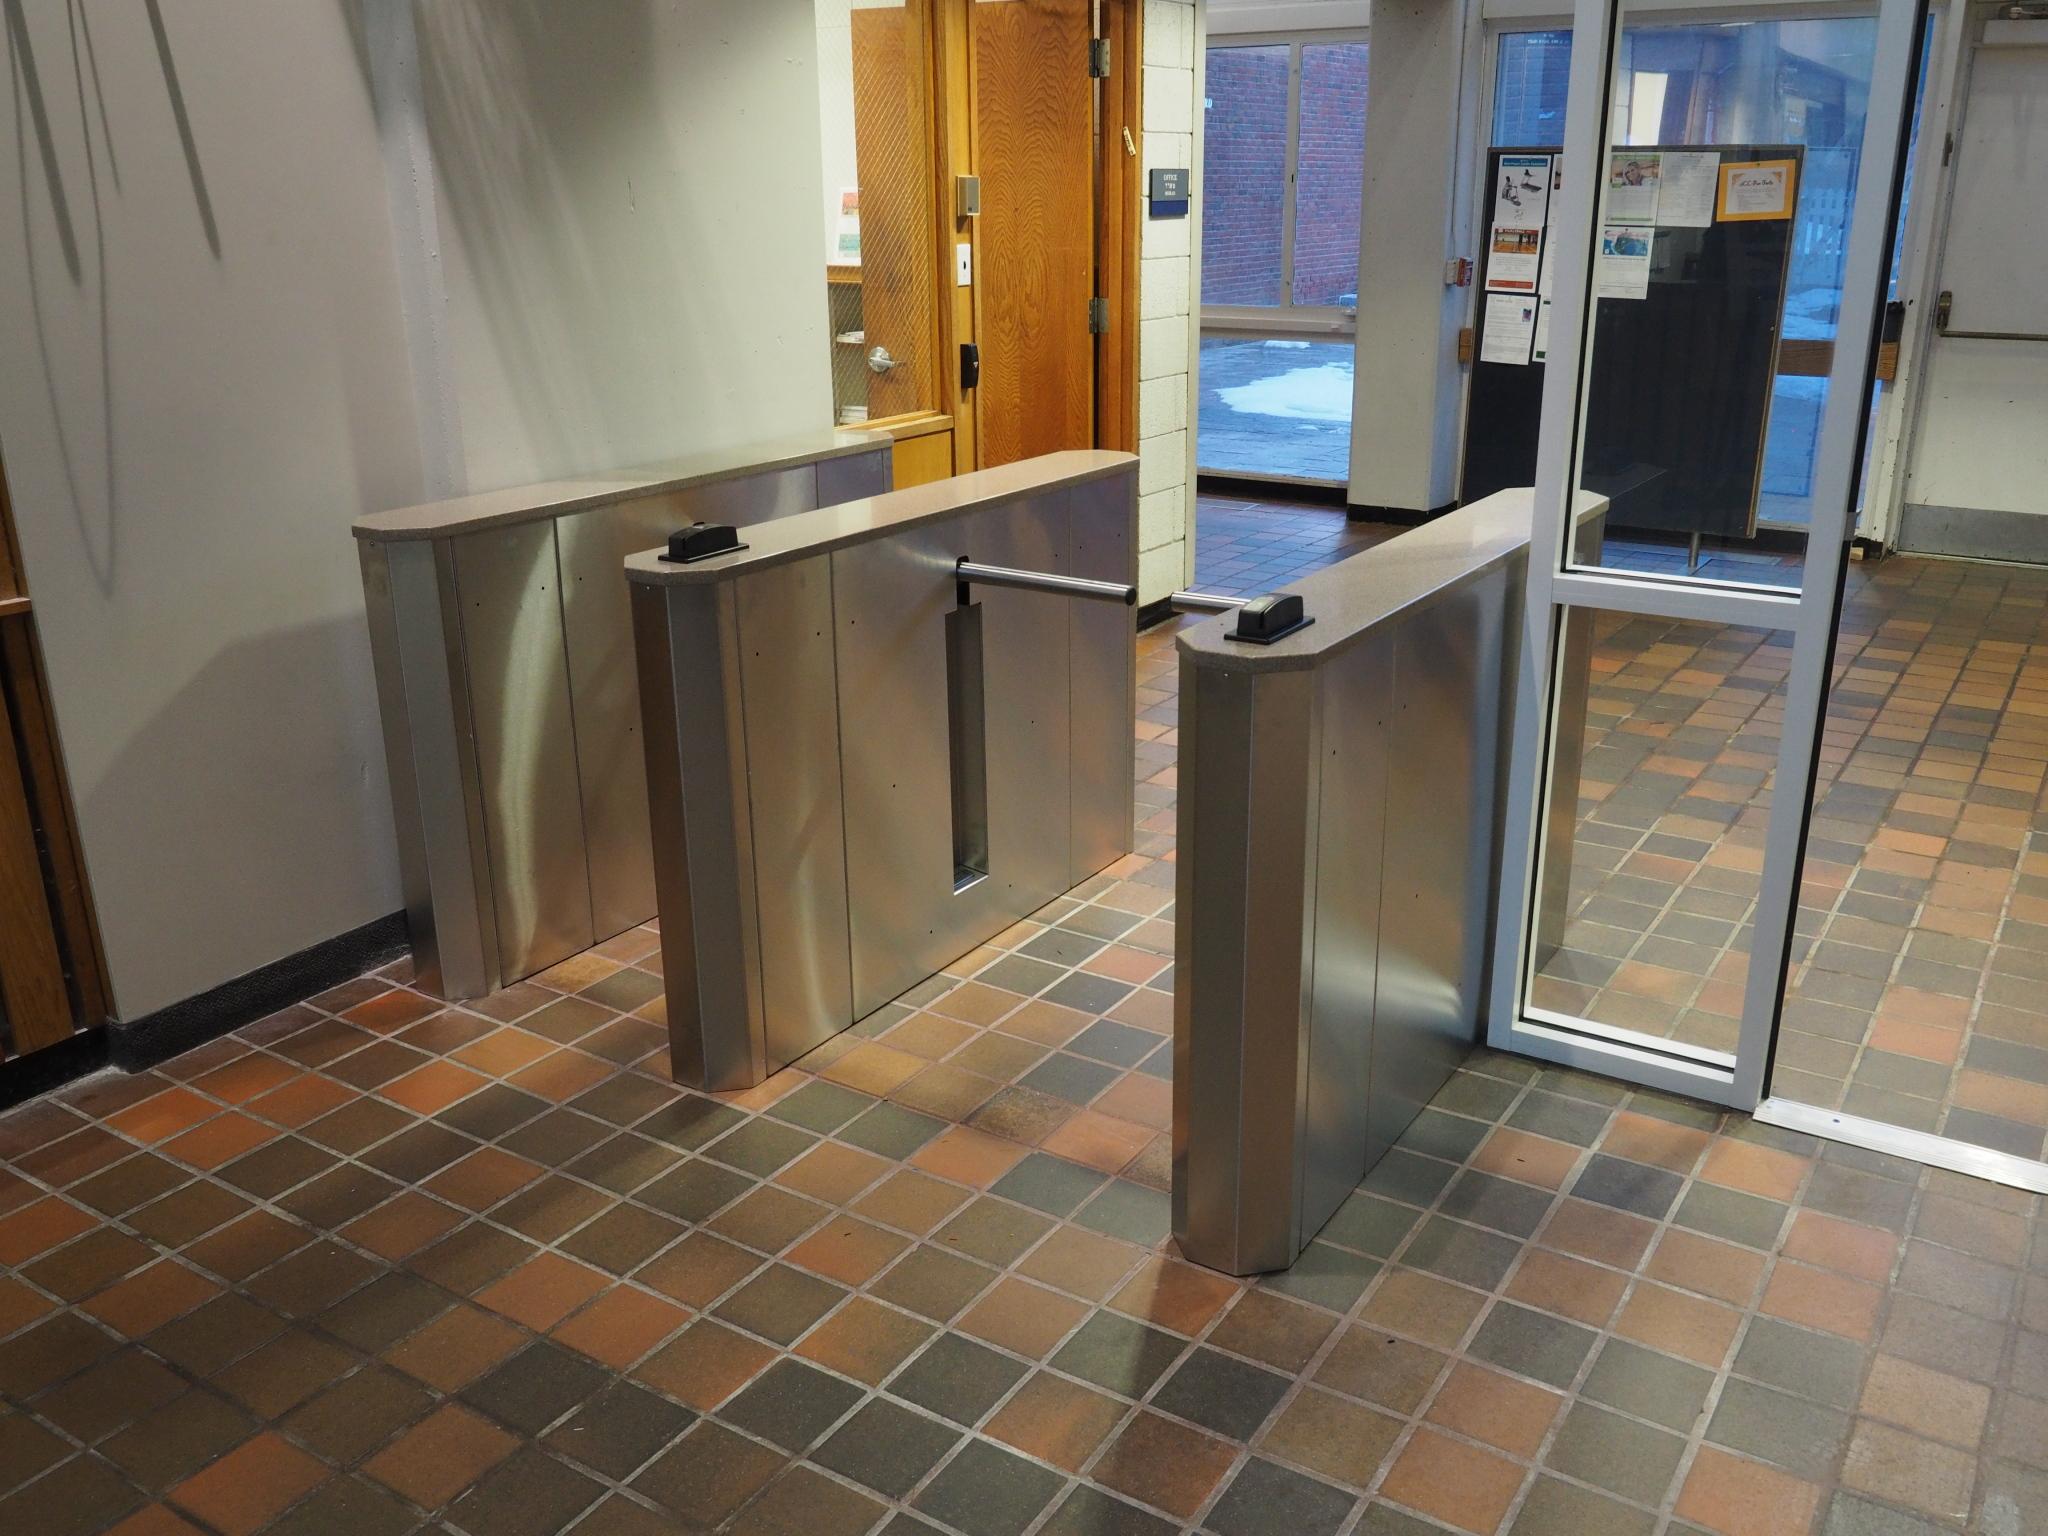 q-lane turnstiles.jpg